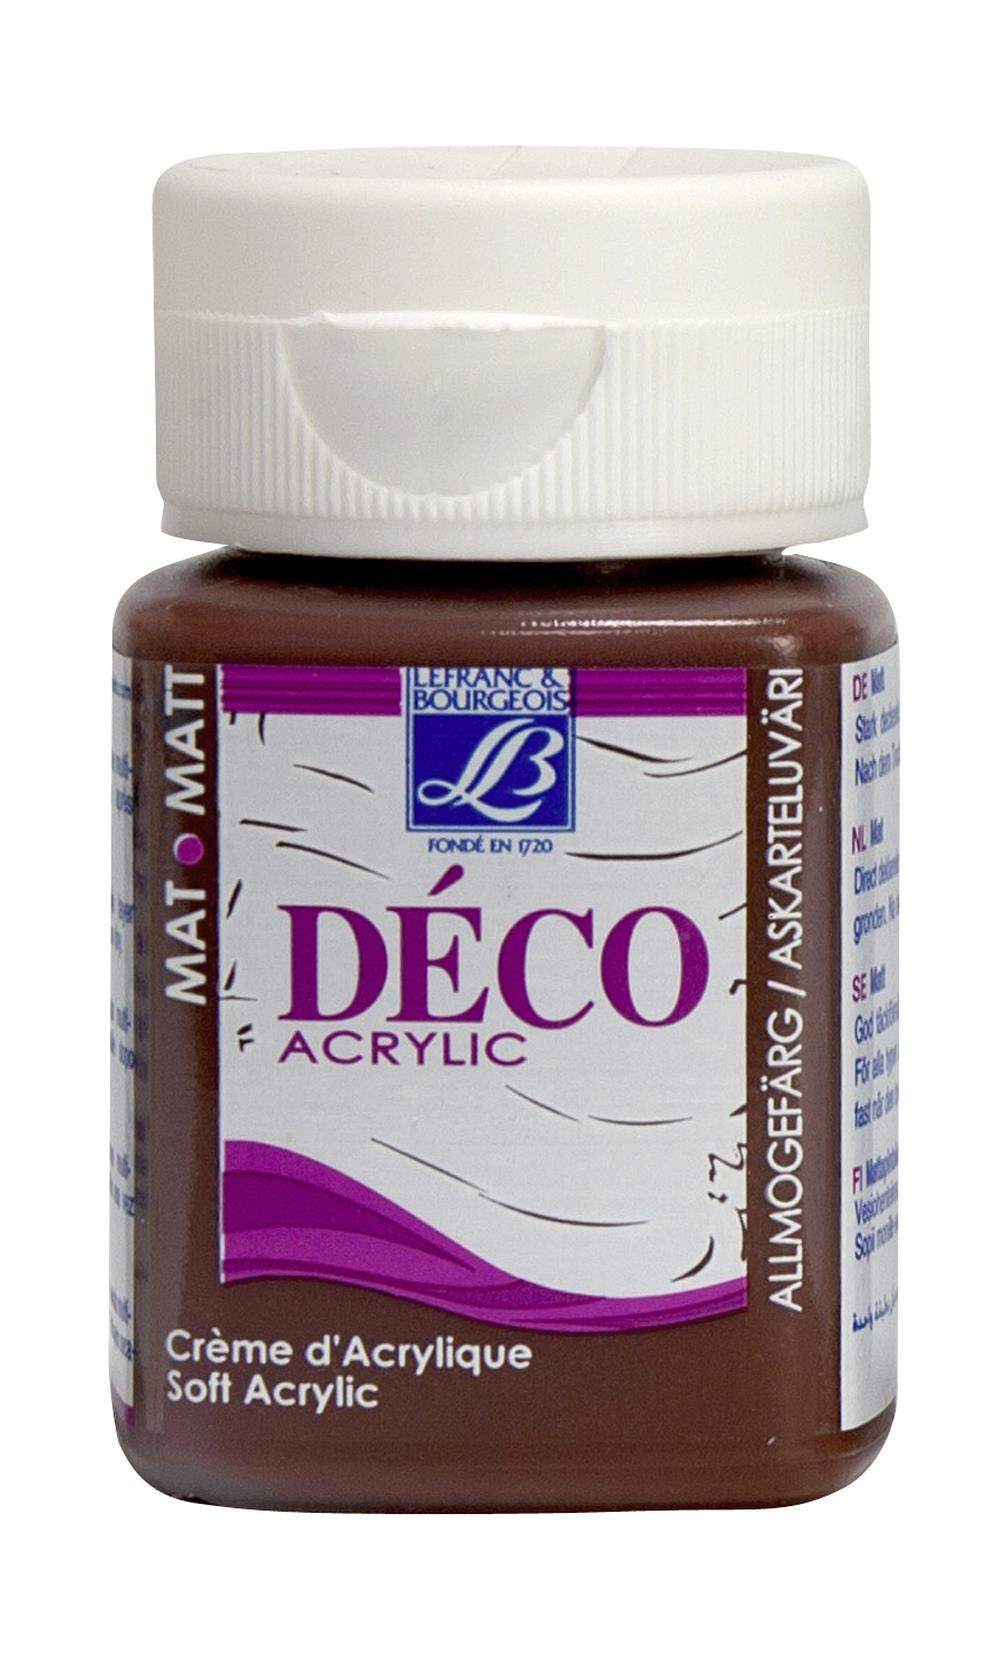 Hobbyfärg L&B Deco Matt Akryl 50ml Hot chocolate warm 116 (4F) Utgår